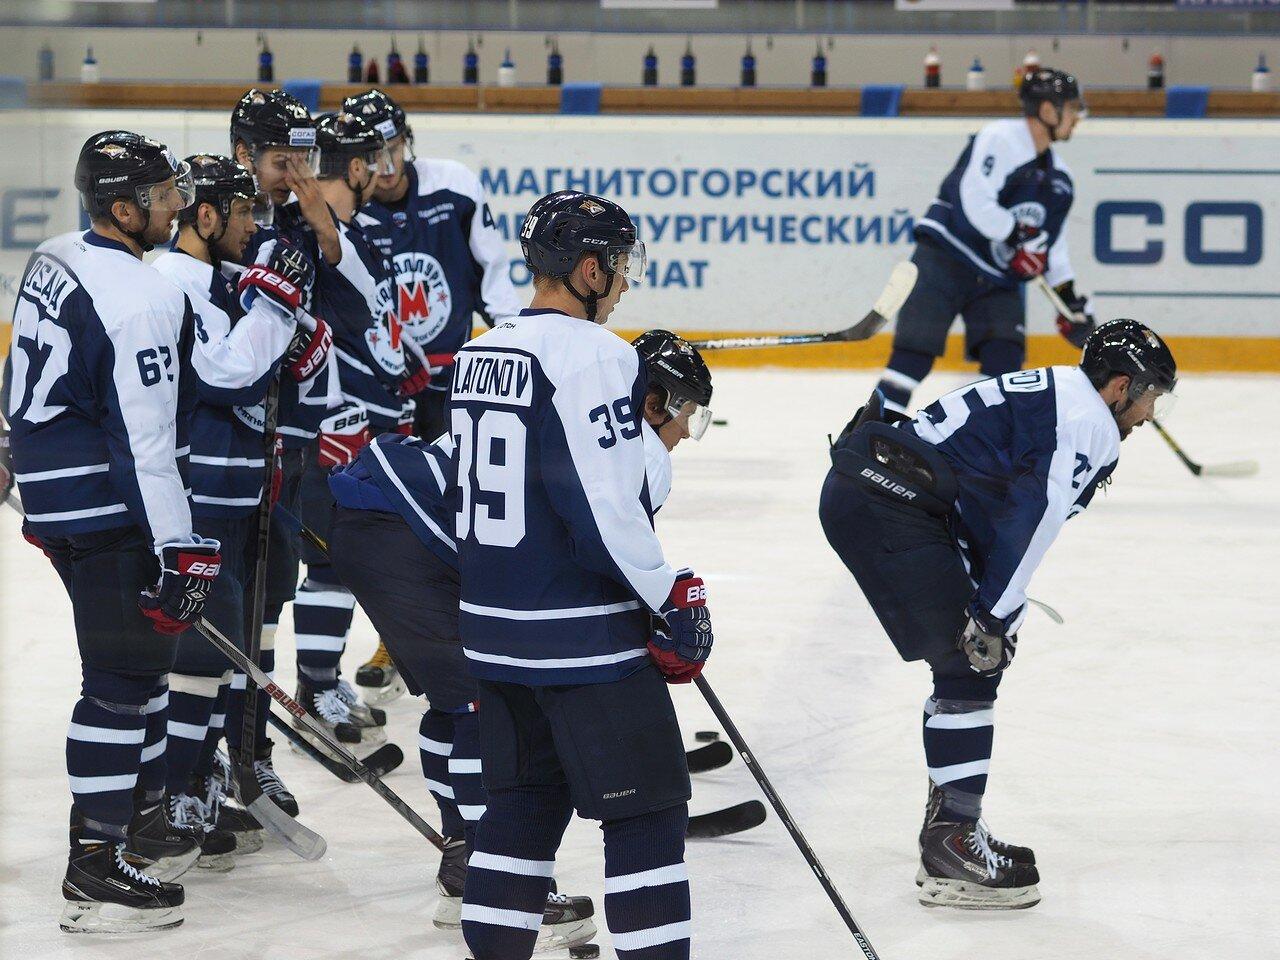 27Металлург - Динамо Москва 28.12.2015